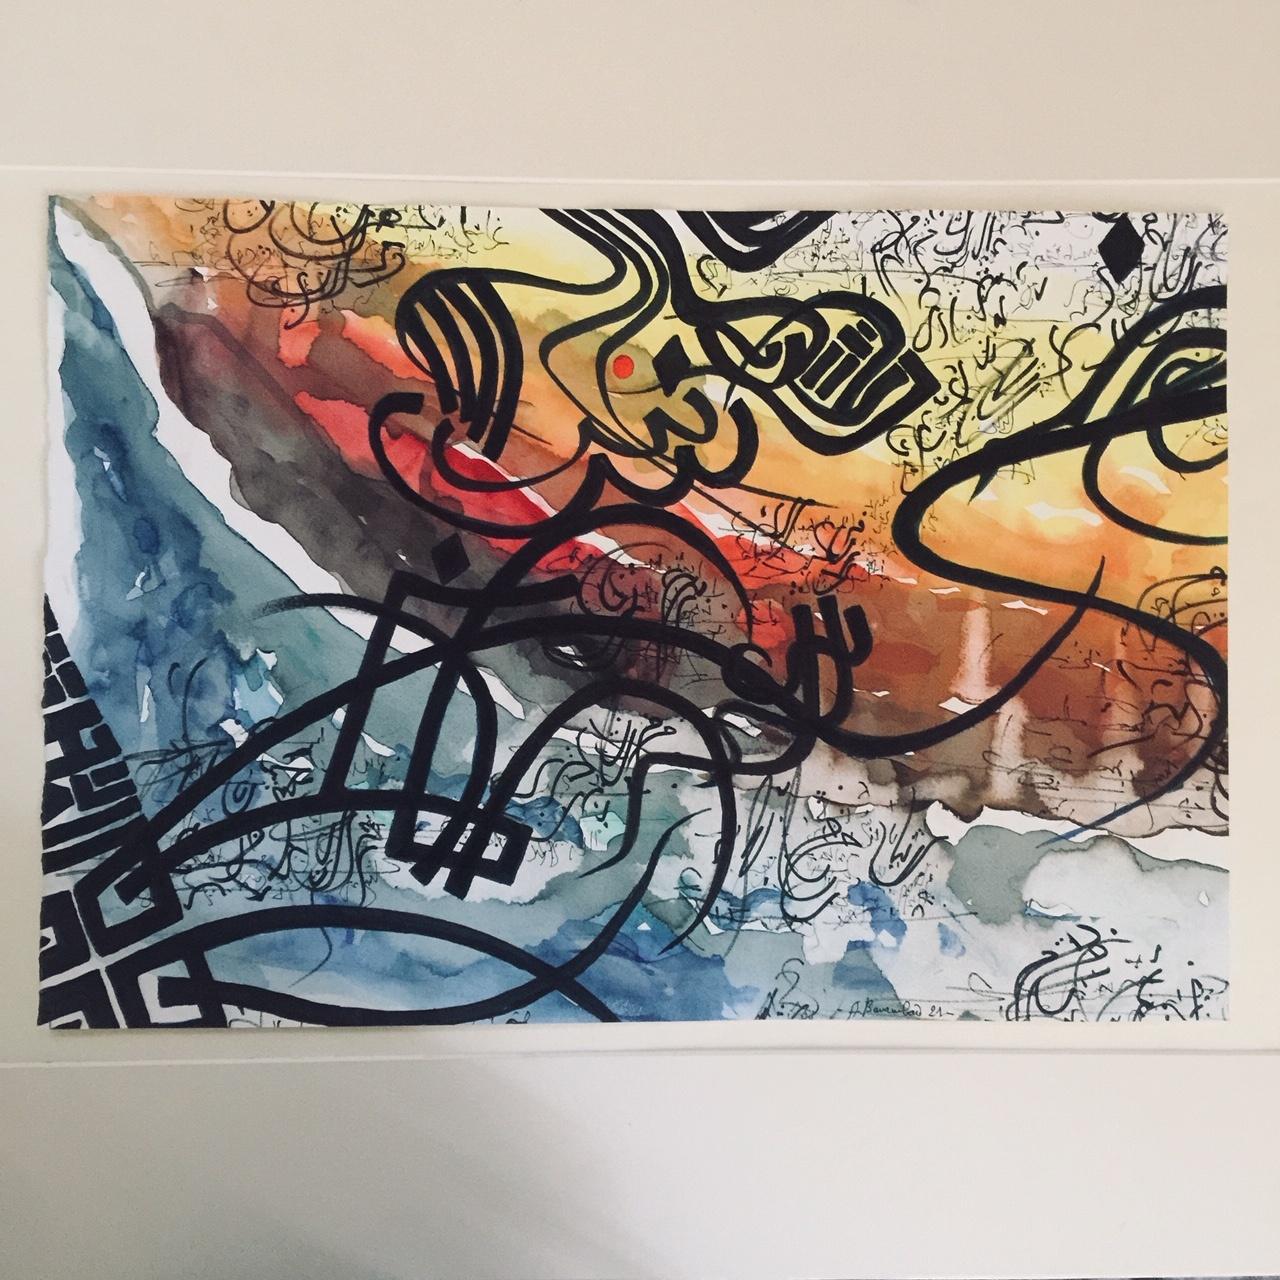 Kunst und Kalligrafie digitale Kunstausstellung Julien Bouzoubaa ARTTRADO Jerusalem die sonne scheint für alle